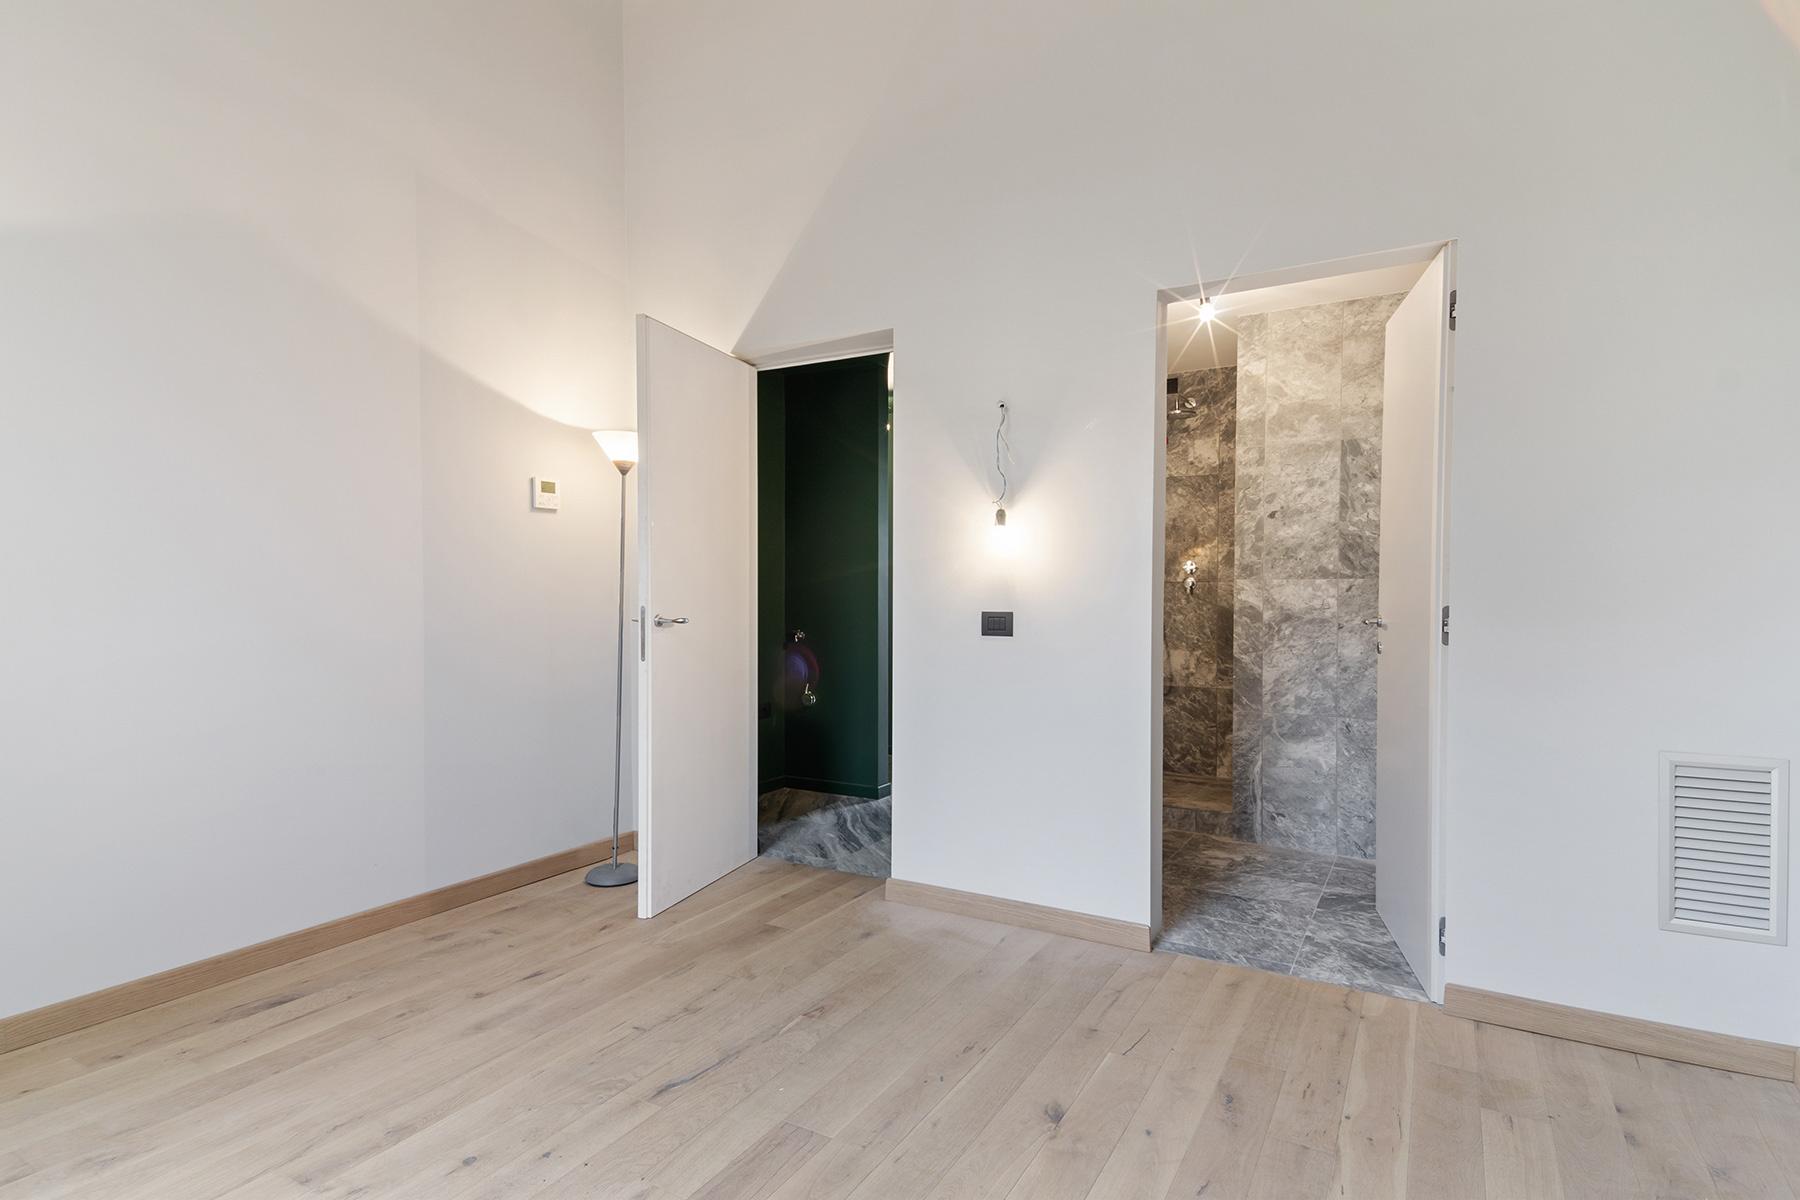 Appartamento in Vendita a Santa Margherita Ligure: 5 locali, 150 mq - Foto 15